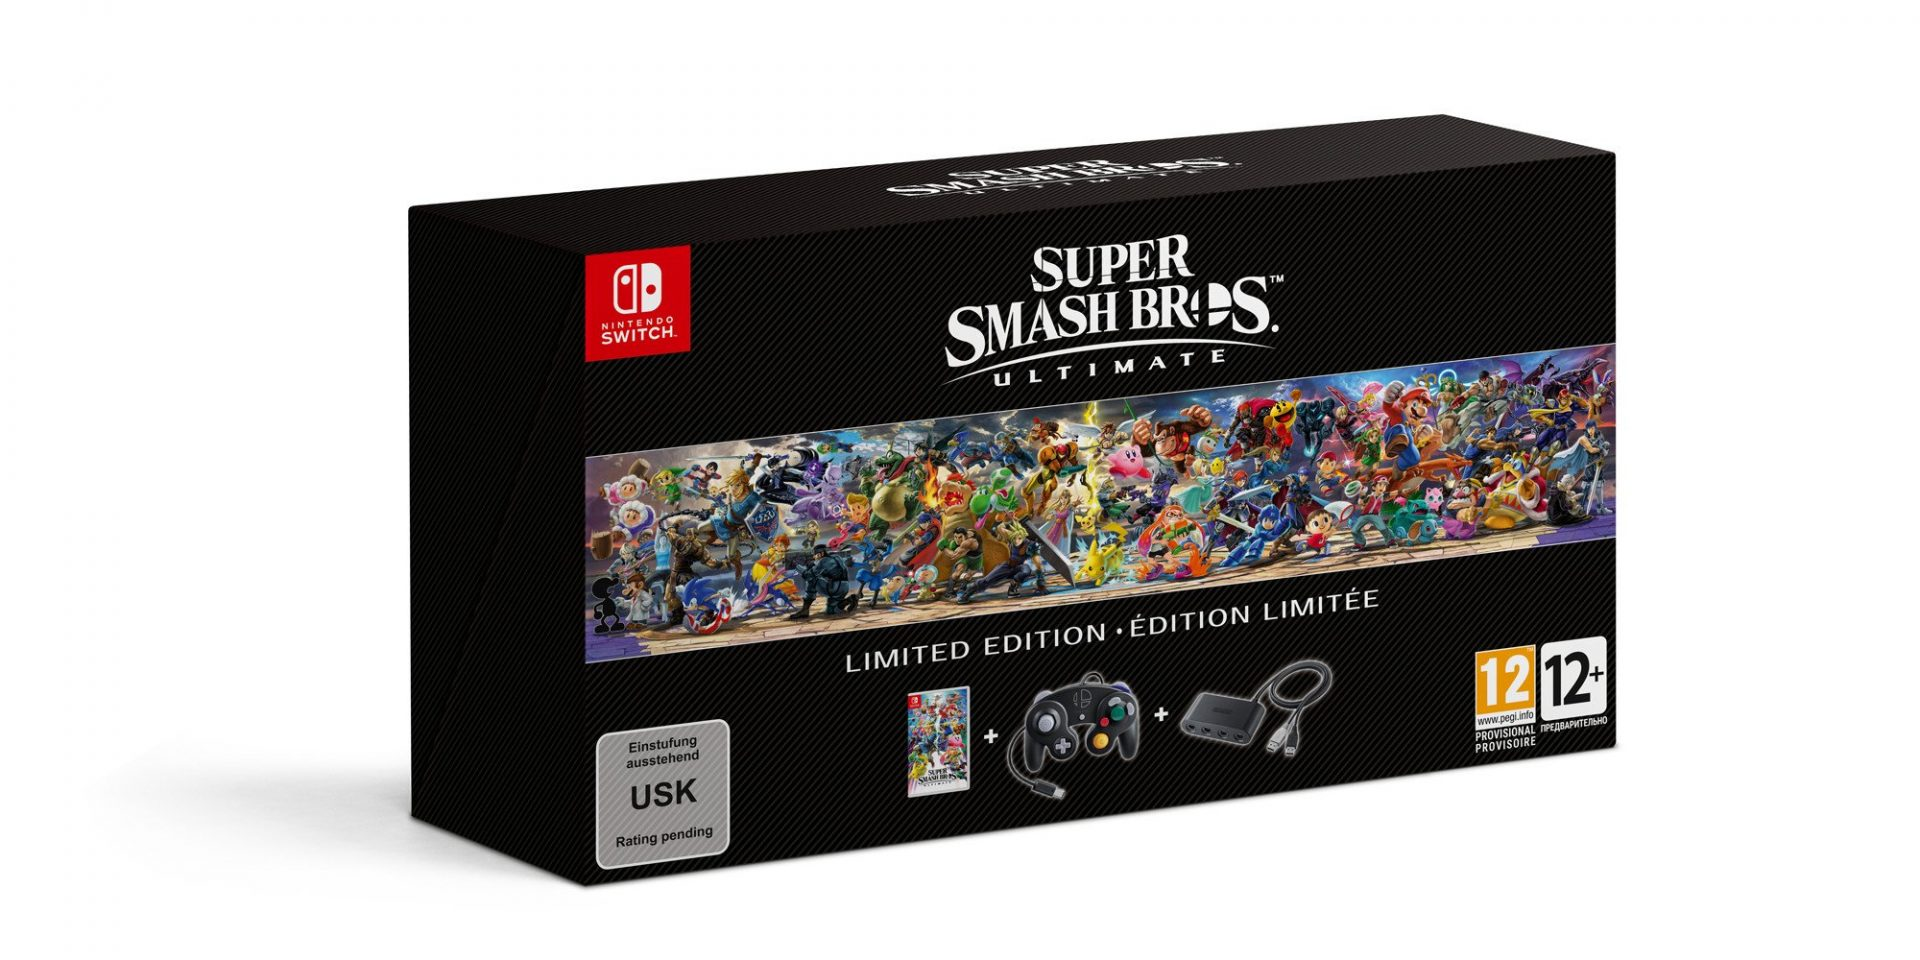 Super Smash Bros. Ultimate terá edição limitada